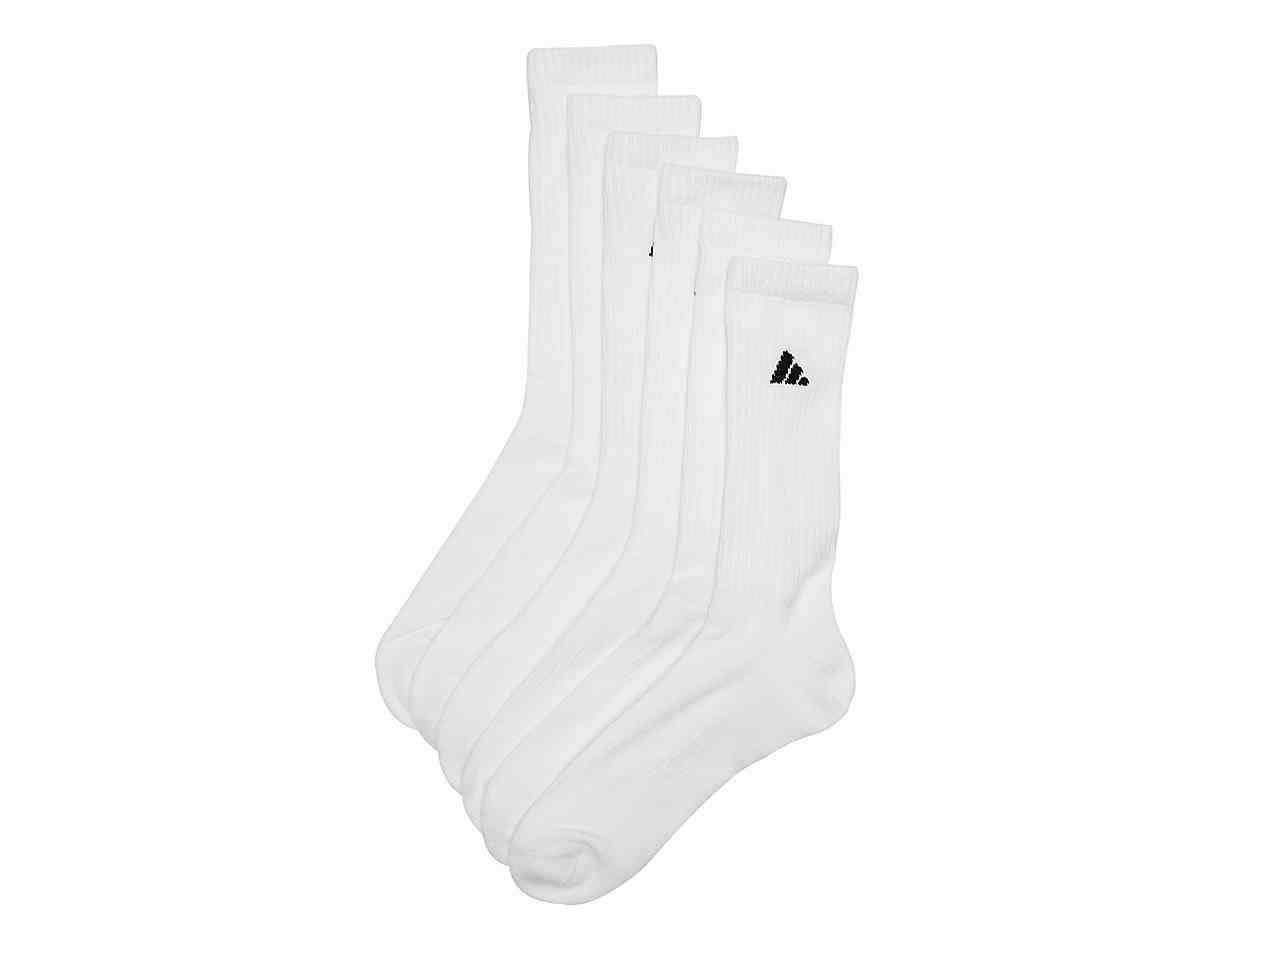 adidas Originals Men's Cushioned White & Black